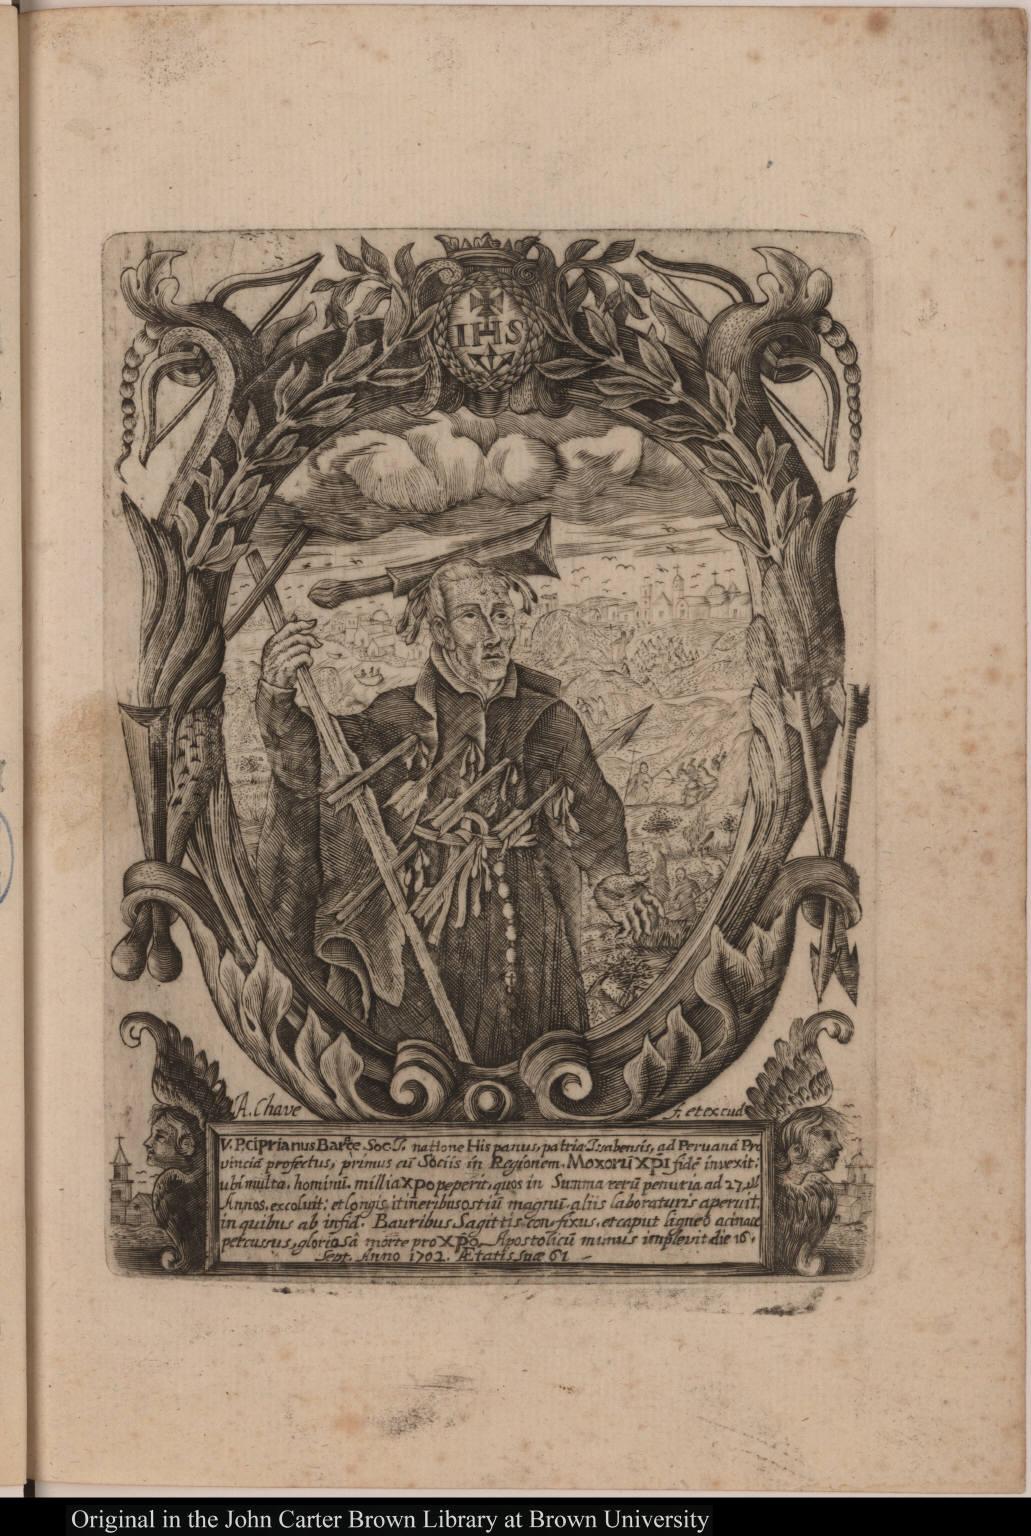 V. P. ciprianus Barace Soc. J. natione Hispanus, patria Issabensis, ...